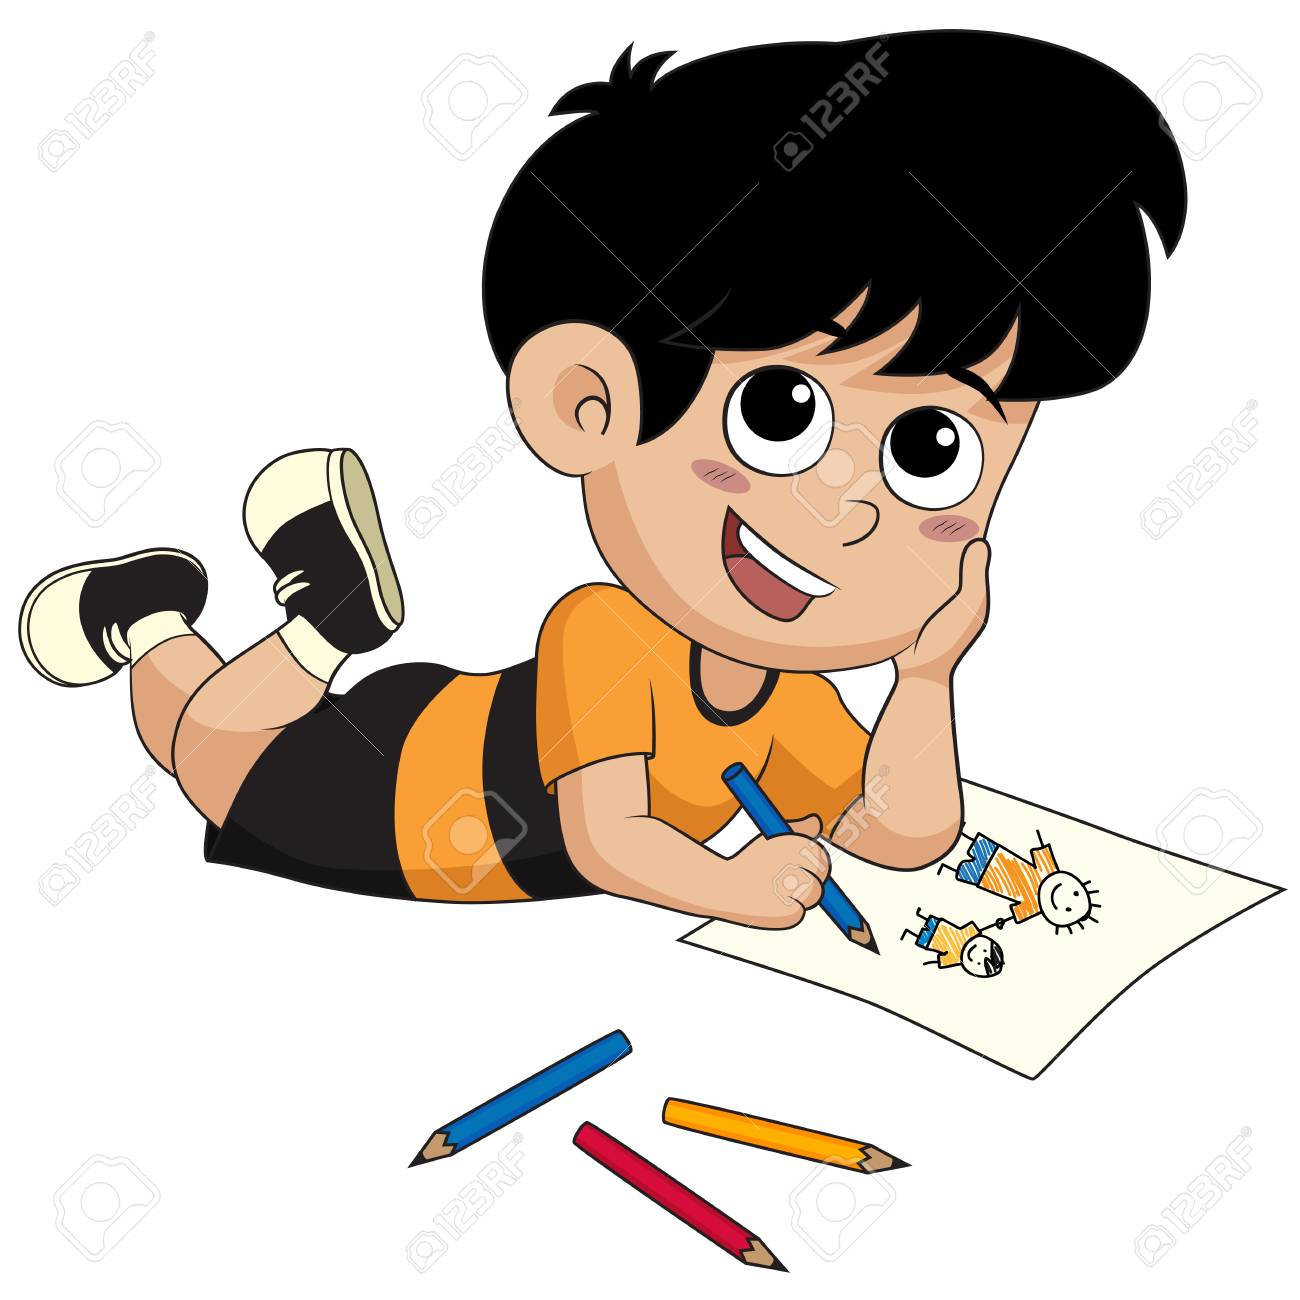 Niño Dibujando Un Pictures.vector Y La Ilustración Ilustraciones  Vectoriales, Clip Art Vectorizado Libre De Derechos. Image 77255560.